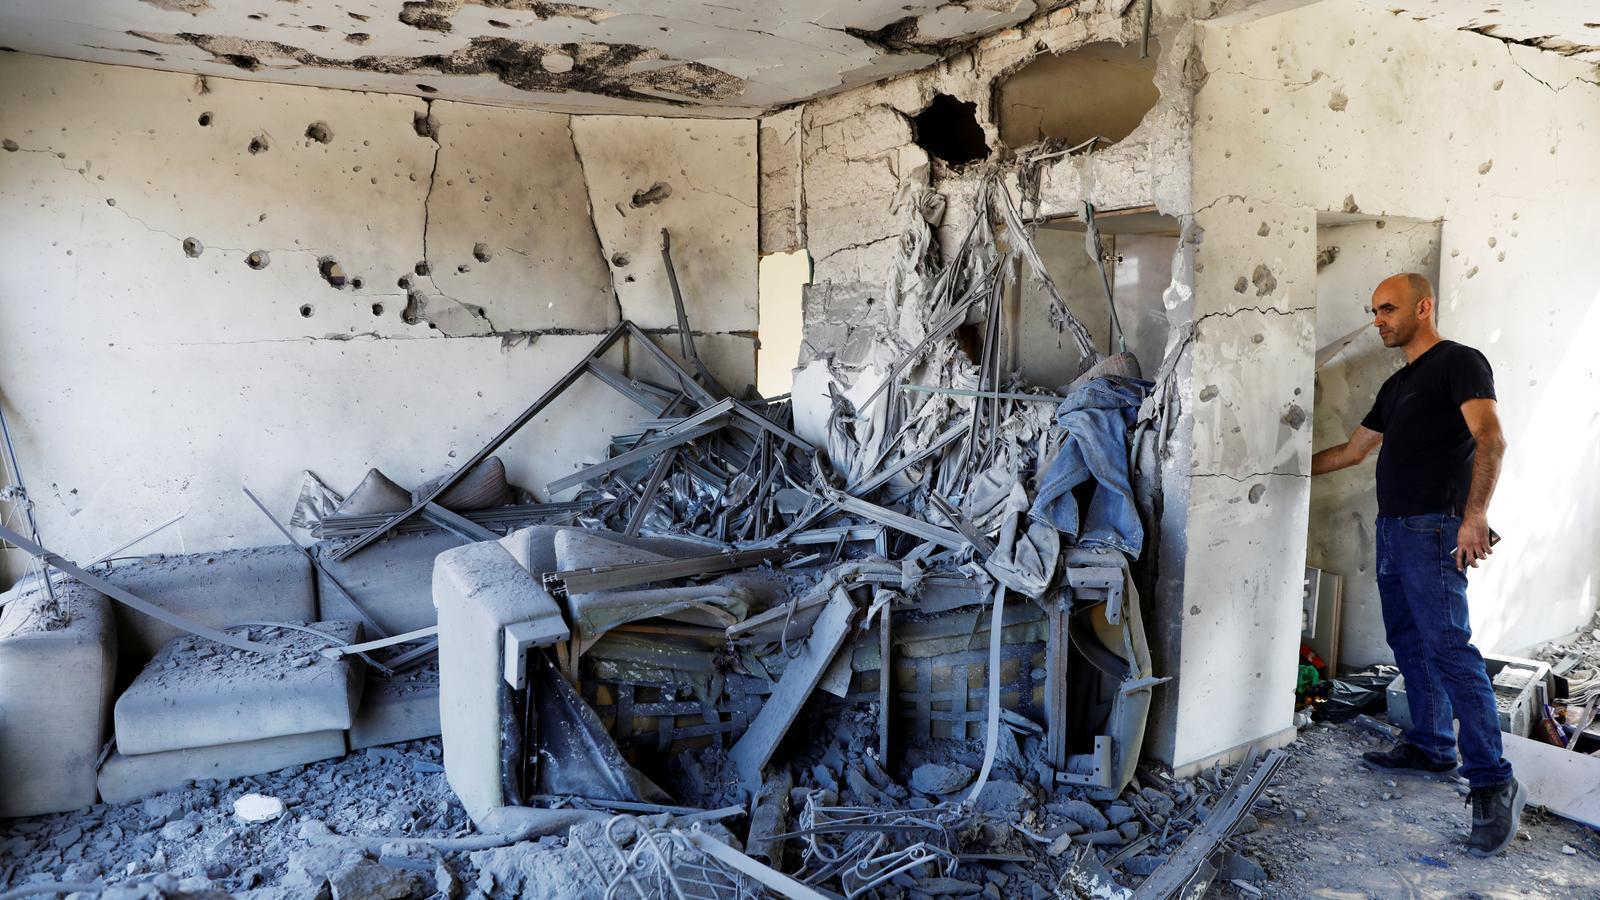 Un home observa les destrosses de casa seva a la ciutat israeliana d'Ashkelon